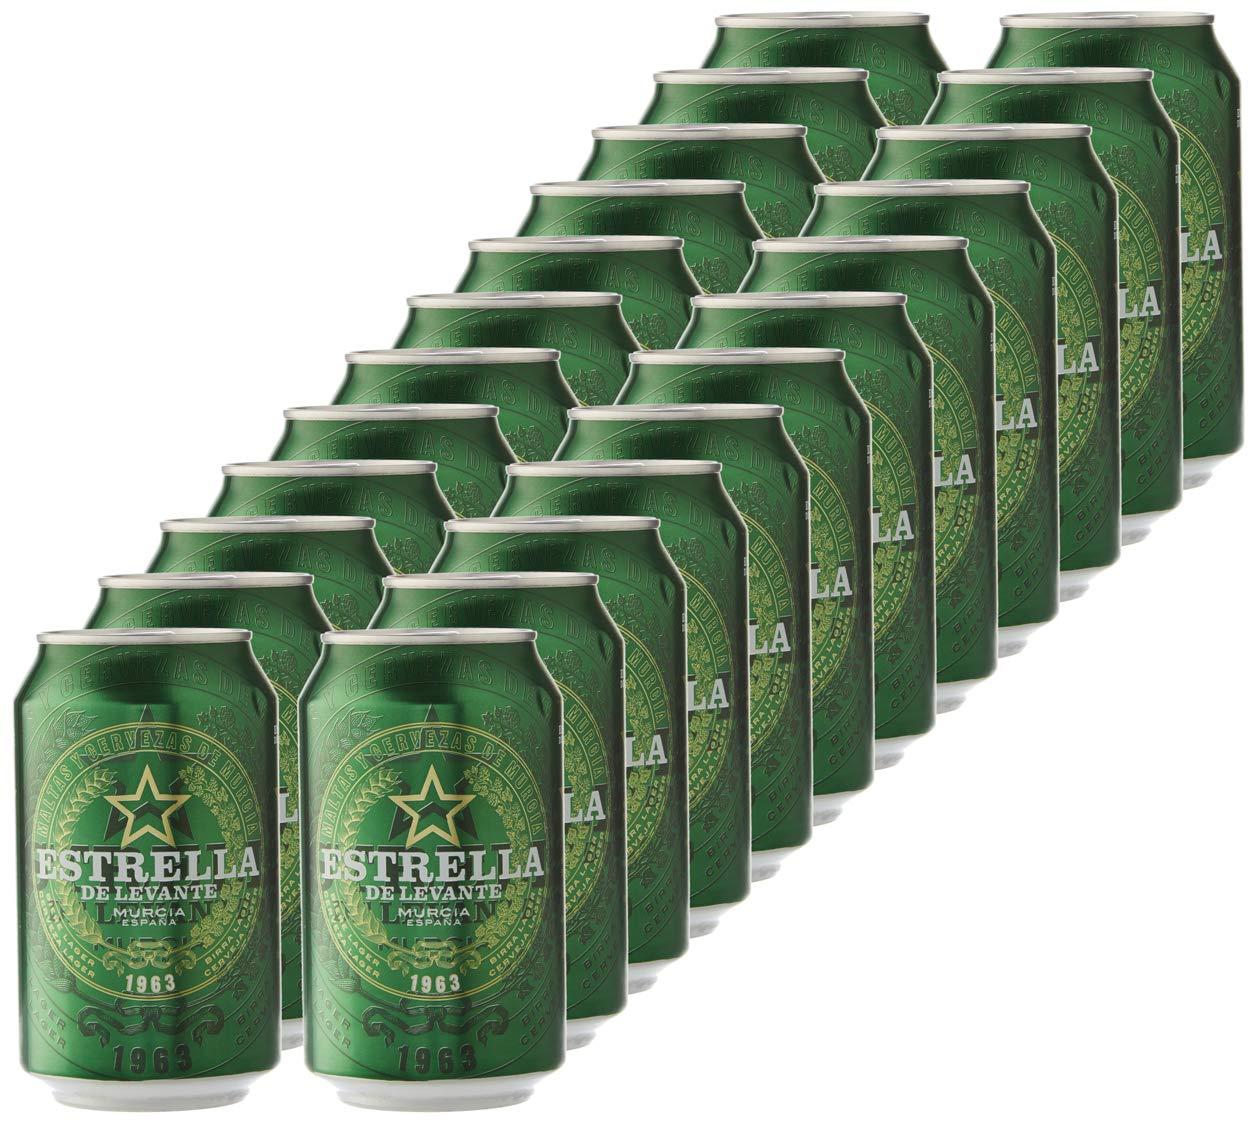 Estrella Levante Cerveza - Caja de 24 Latas x 330 ml - Total: 7.92 L